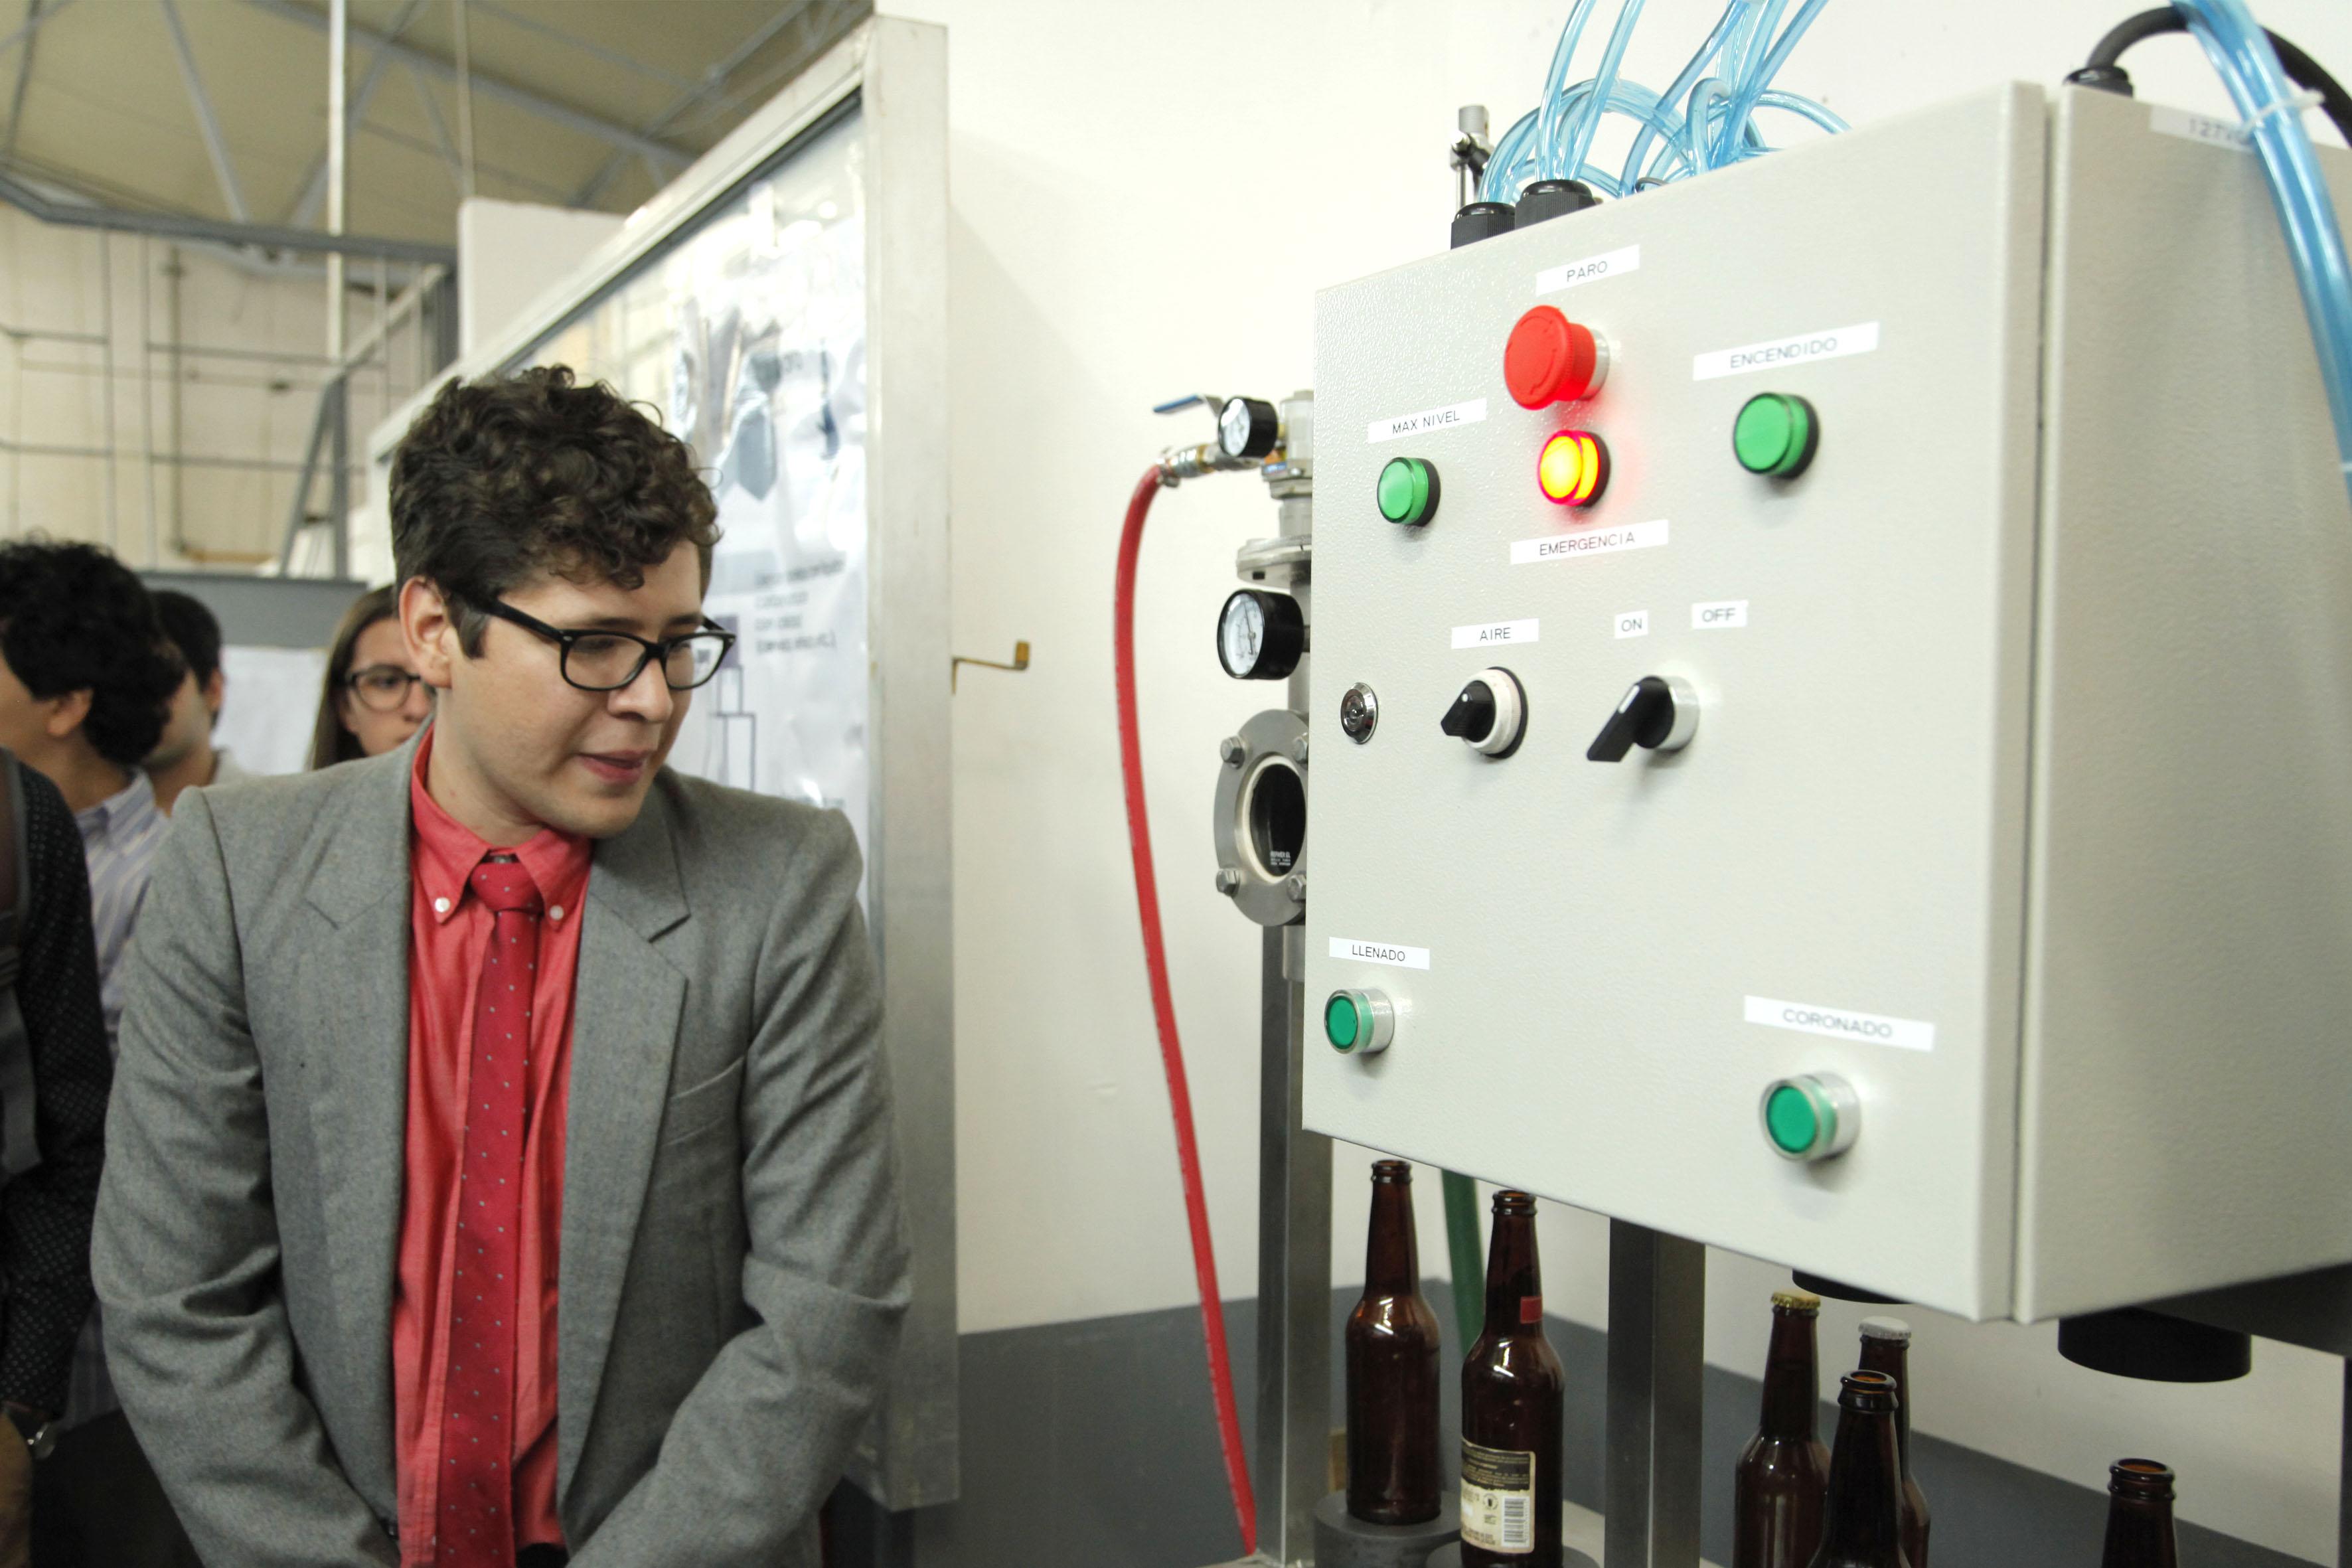 """Estudiante del CUCEI mostrando el prototipo """"Llenadora isobárica para microcervecería"""", durante el Foro Expodime"""